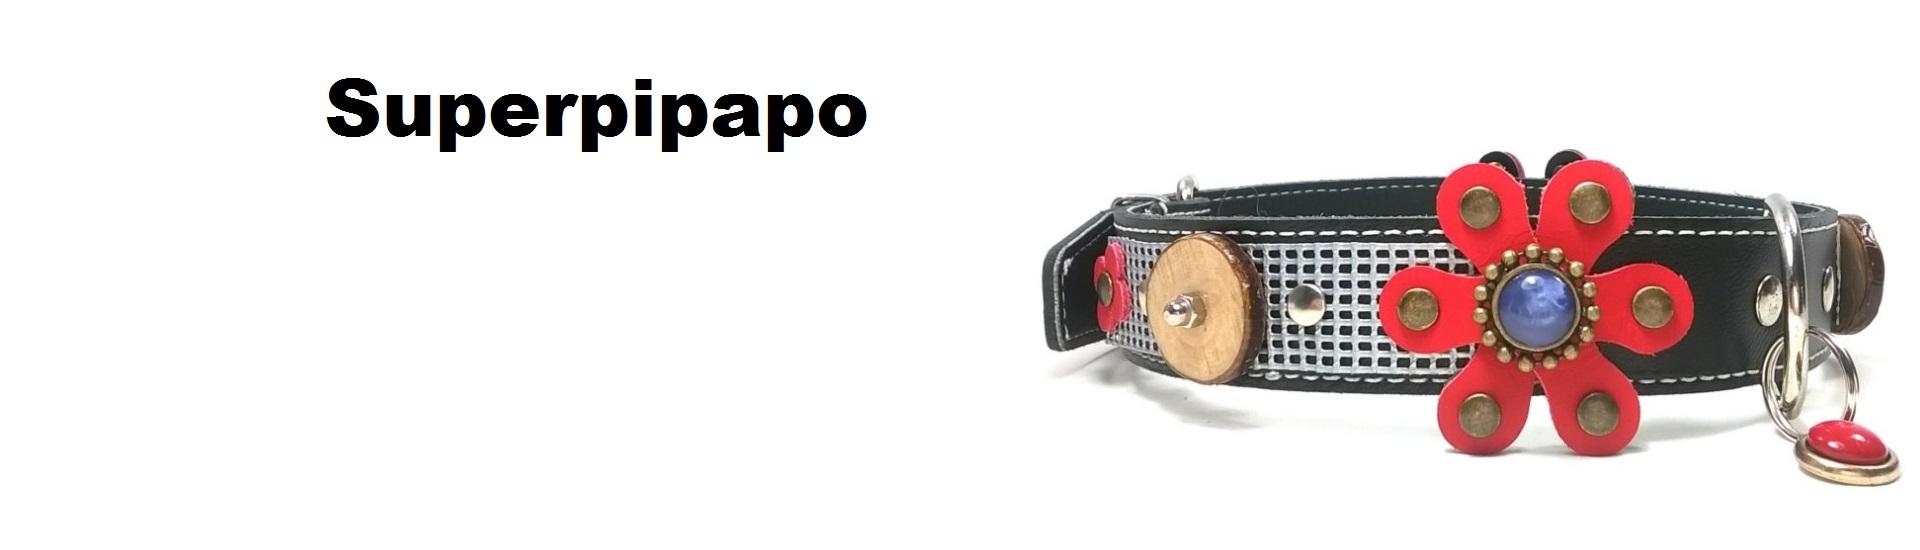 Superpipapo – Dessin original des harnais et colliers pour chiens et chats – Fait à main de cuir Espagnol – Laisses et bracelets a jeux – Allez au magasin en ligne !